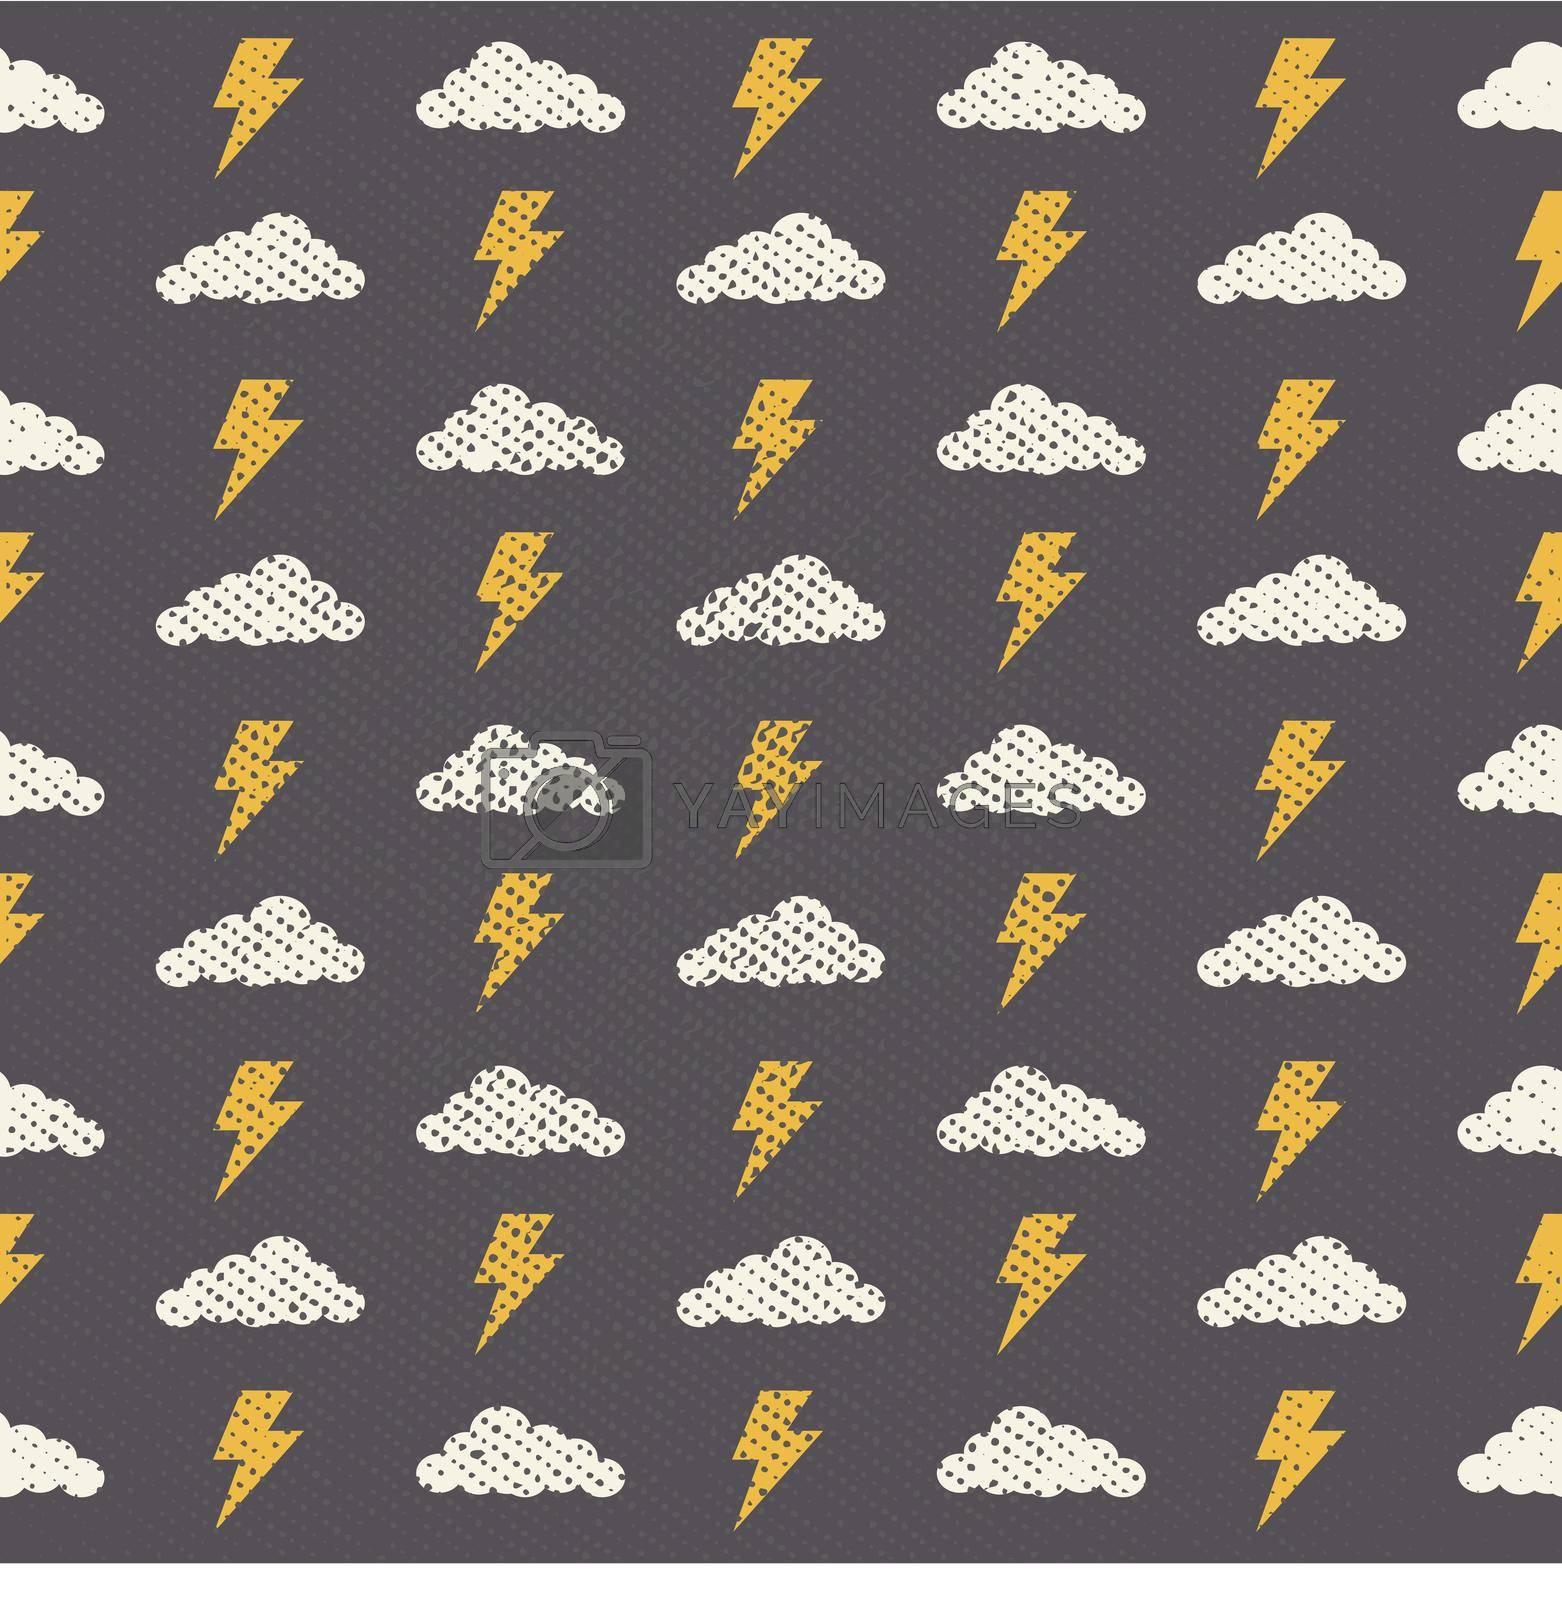 Vector Seamless Grunge Cloud Pattern